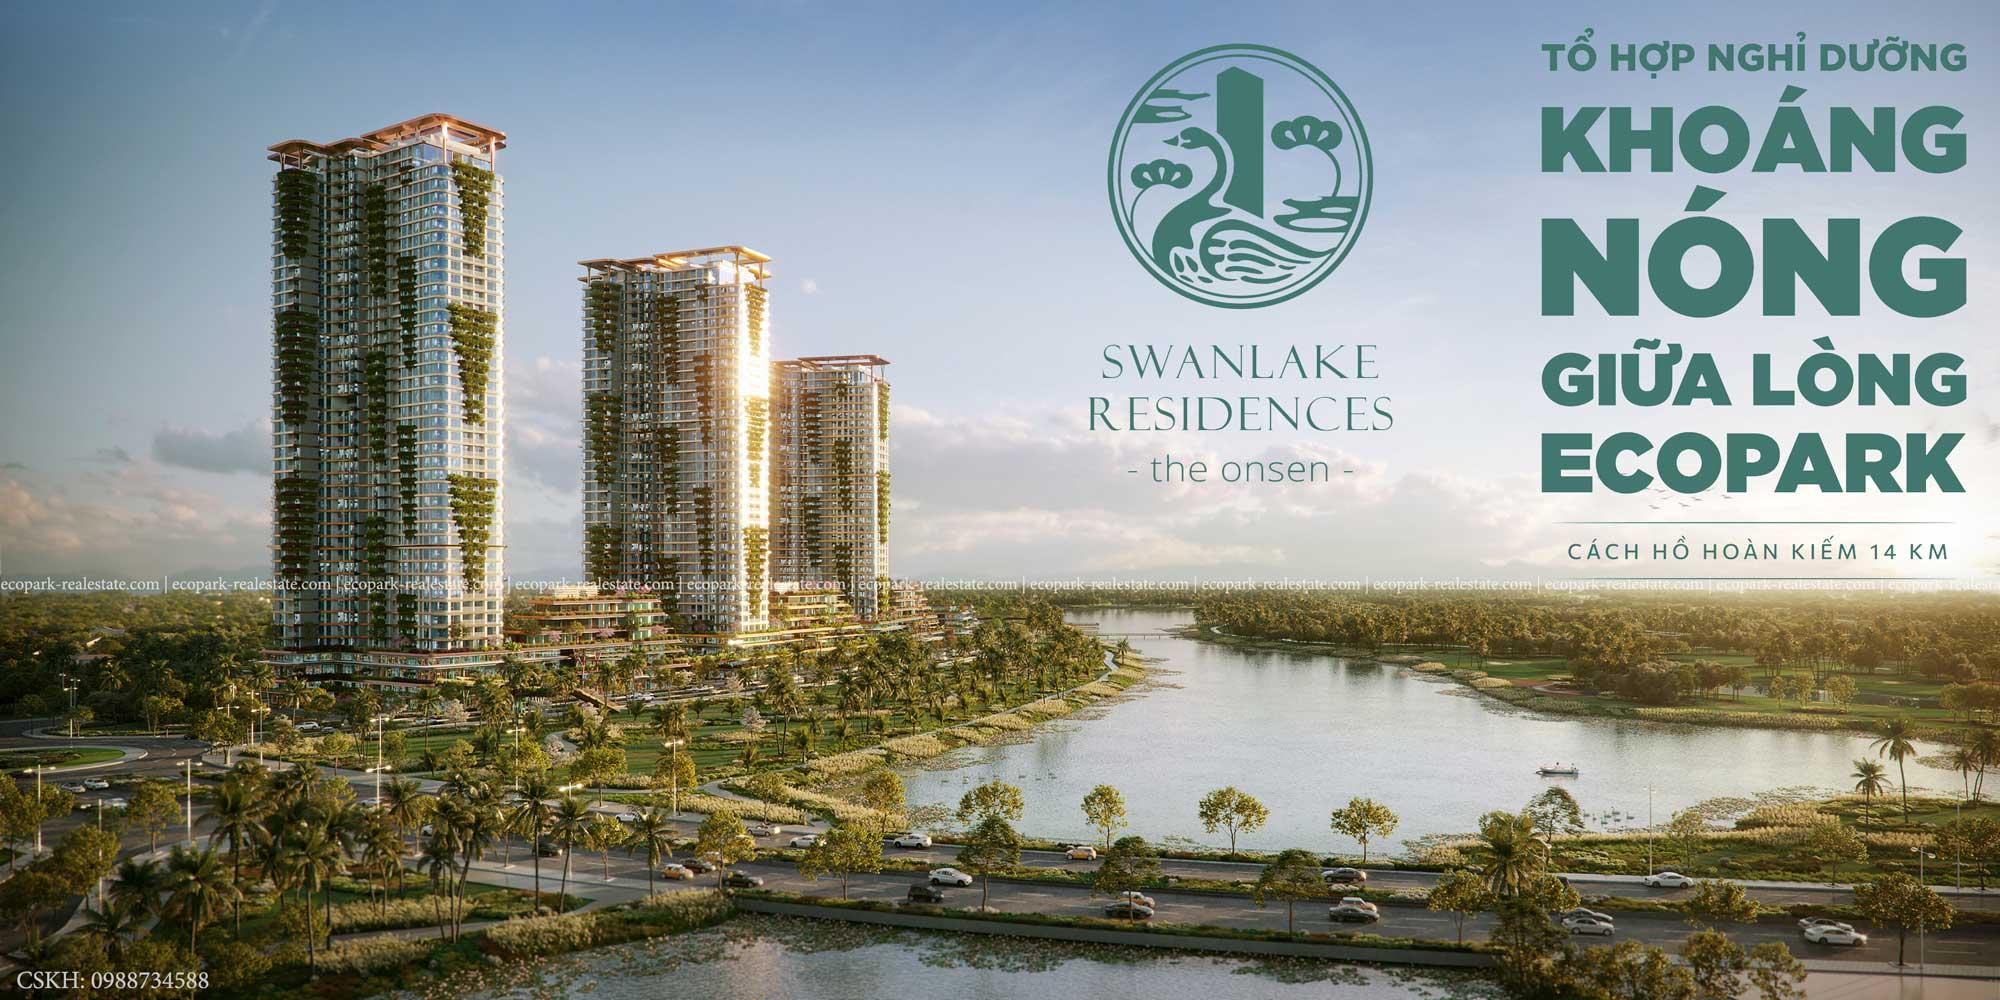 Phối cảnh chung cư Swan Lake Residences The Onsen Ecopark